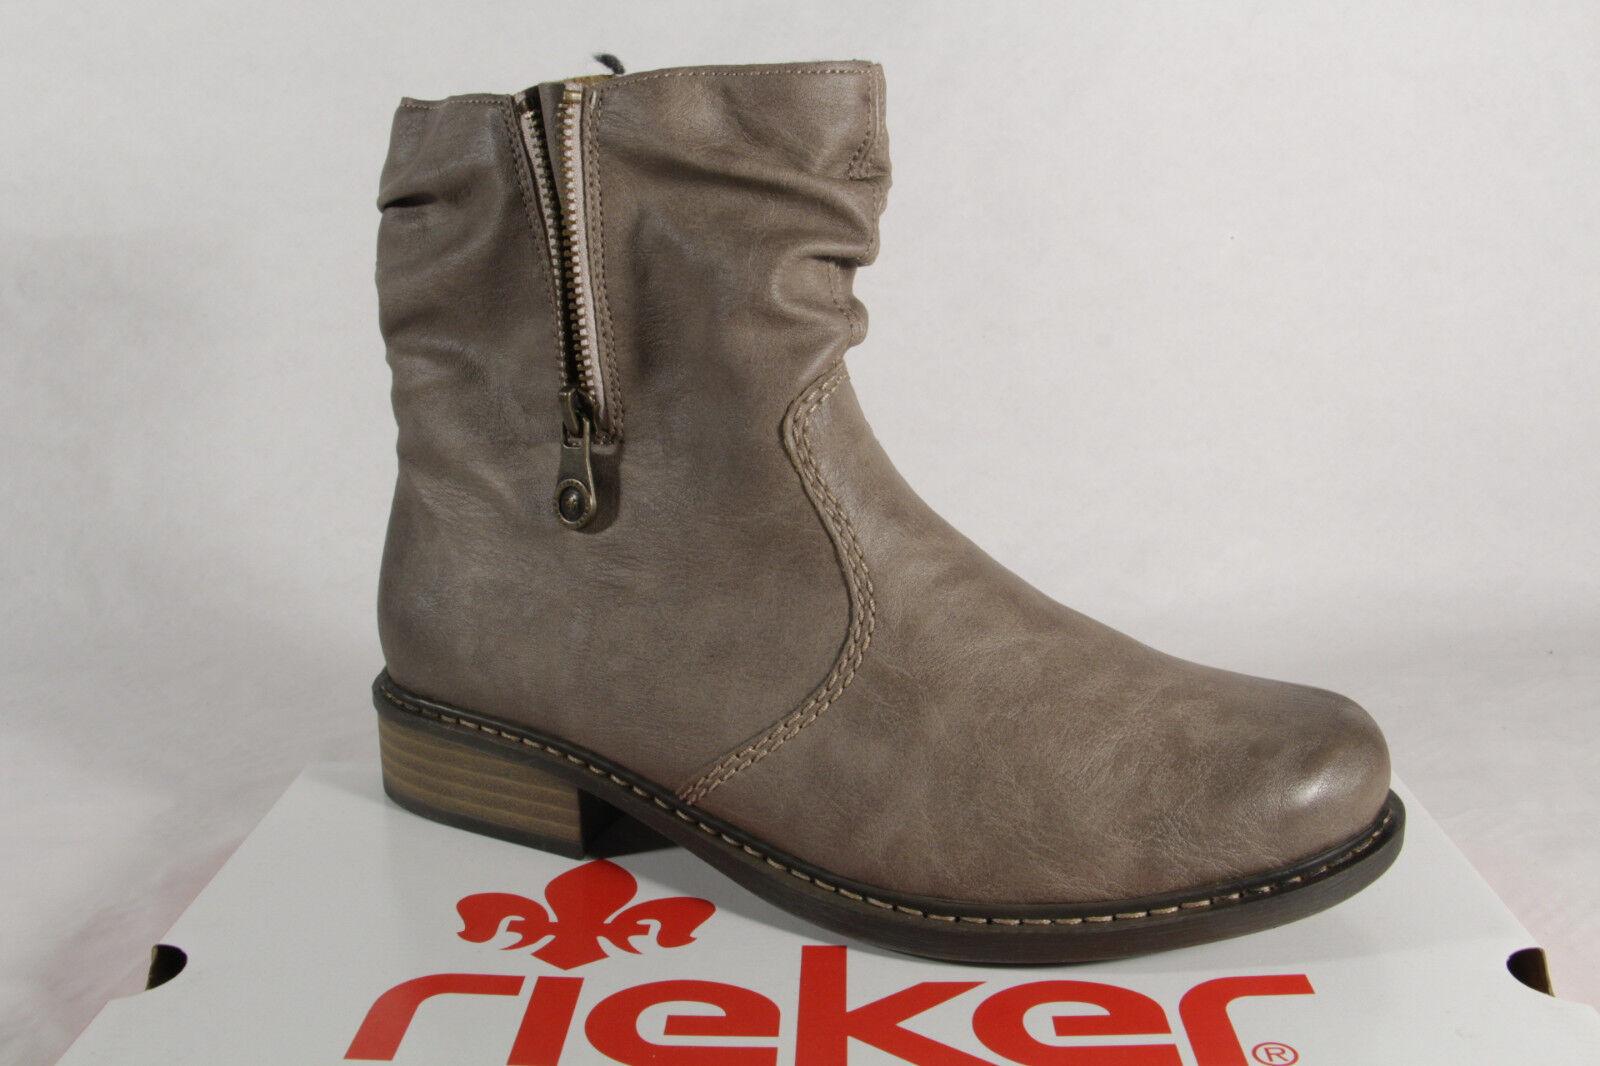 risparmia fino al 70% di sconto Rieker Z4157 Stivali Stivali Stivali Donna Stivaletti Beige Nuovo  i nuovi stili più caldi